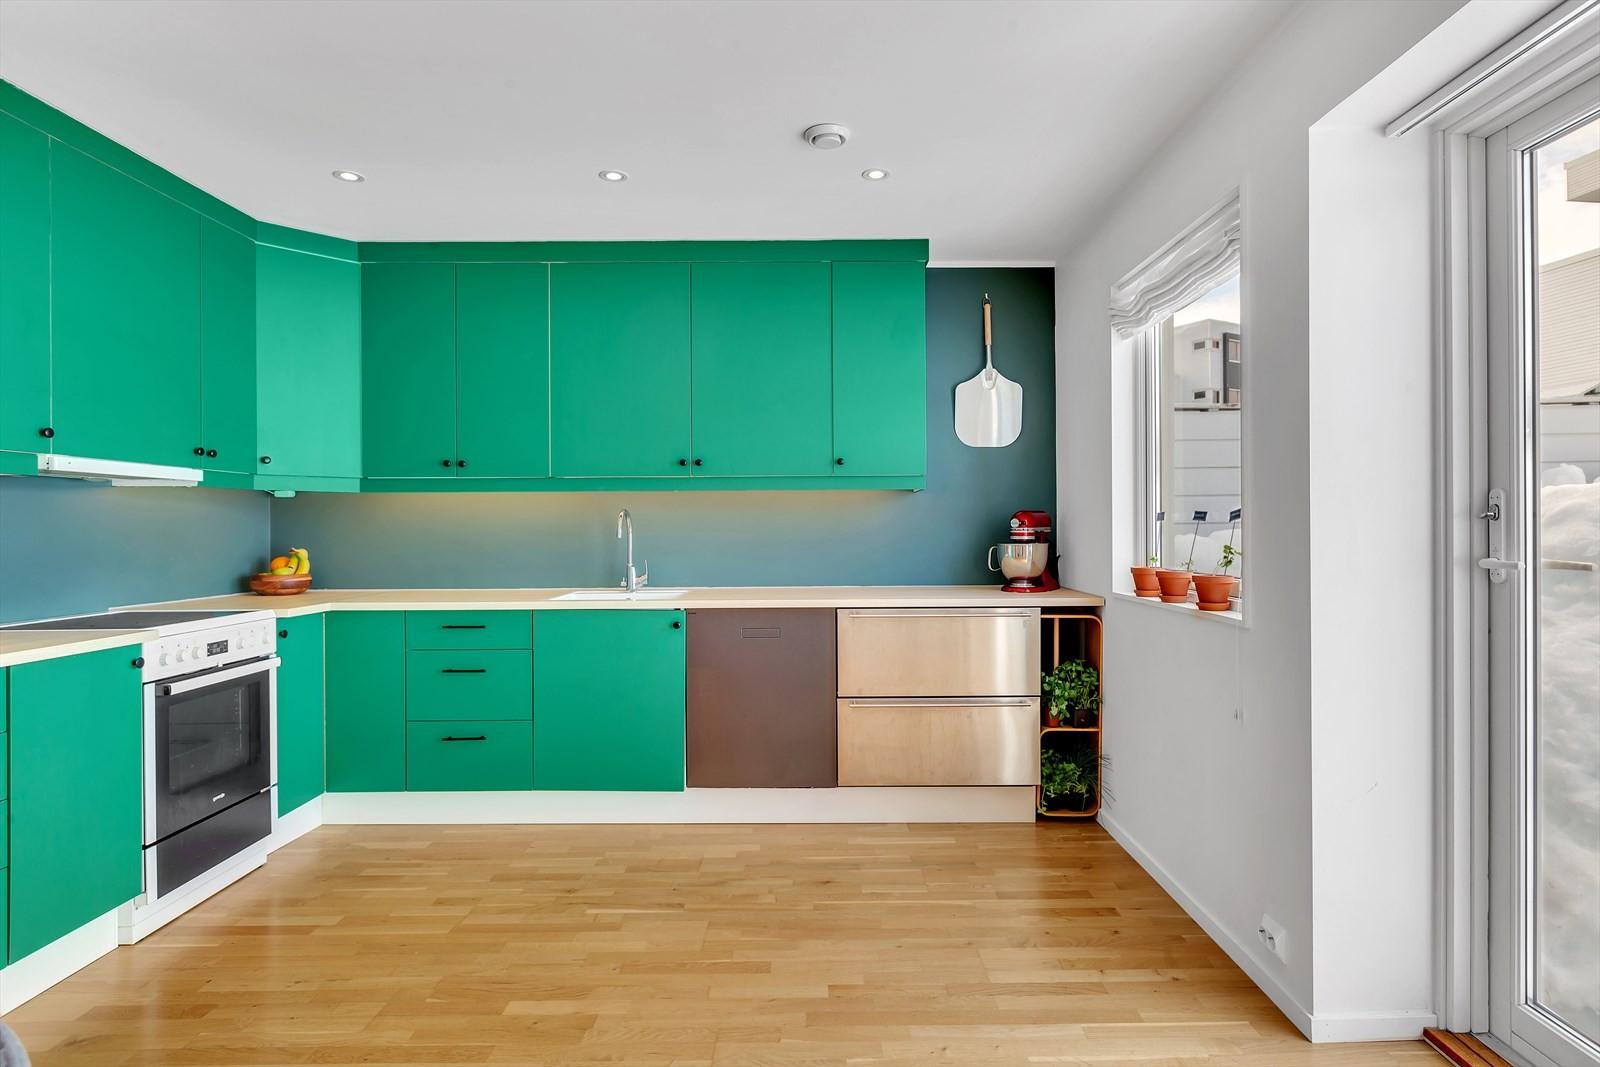 Spennende farvevalg, integrert oppvaskmaskin og kjøleskuffer.